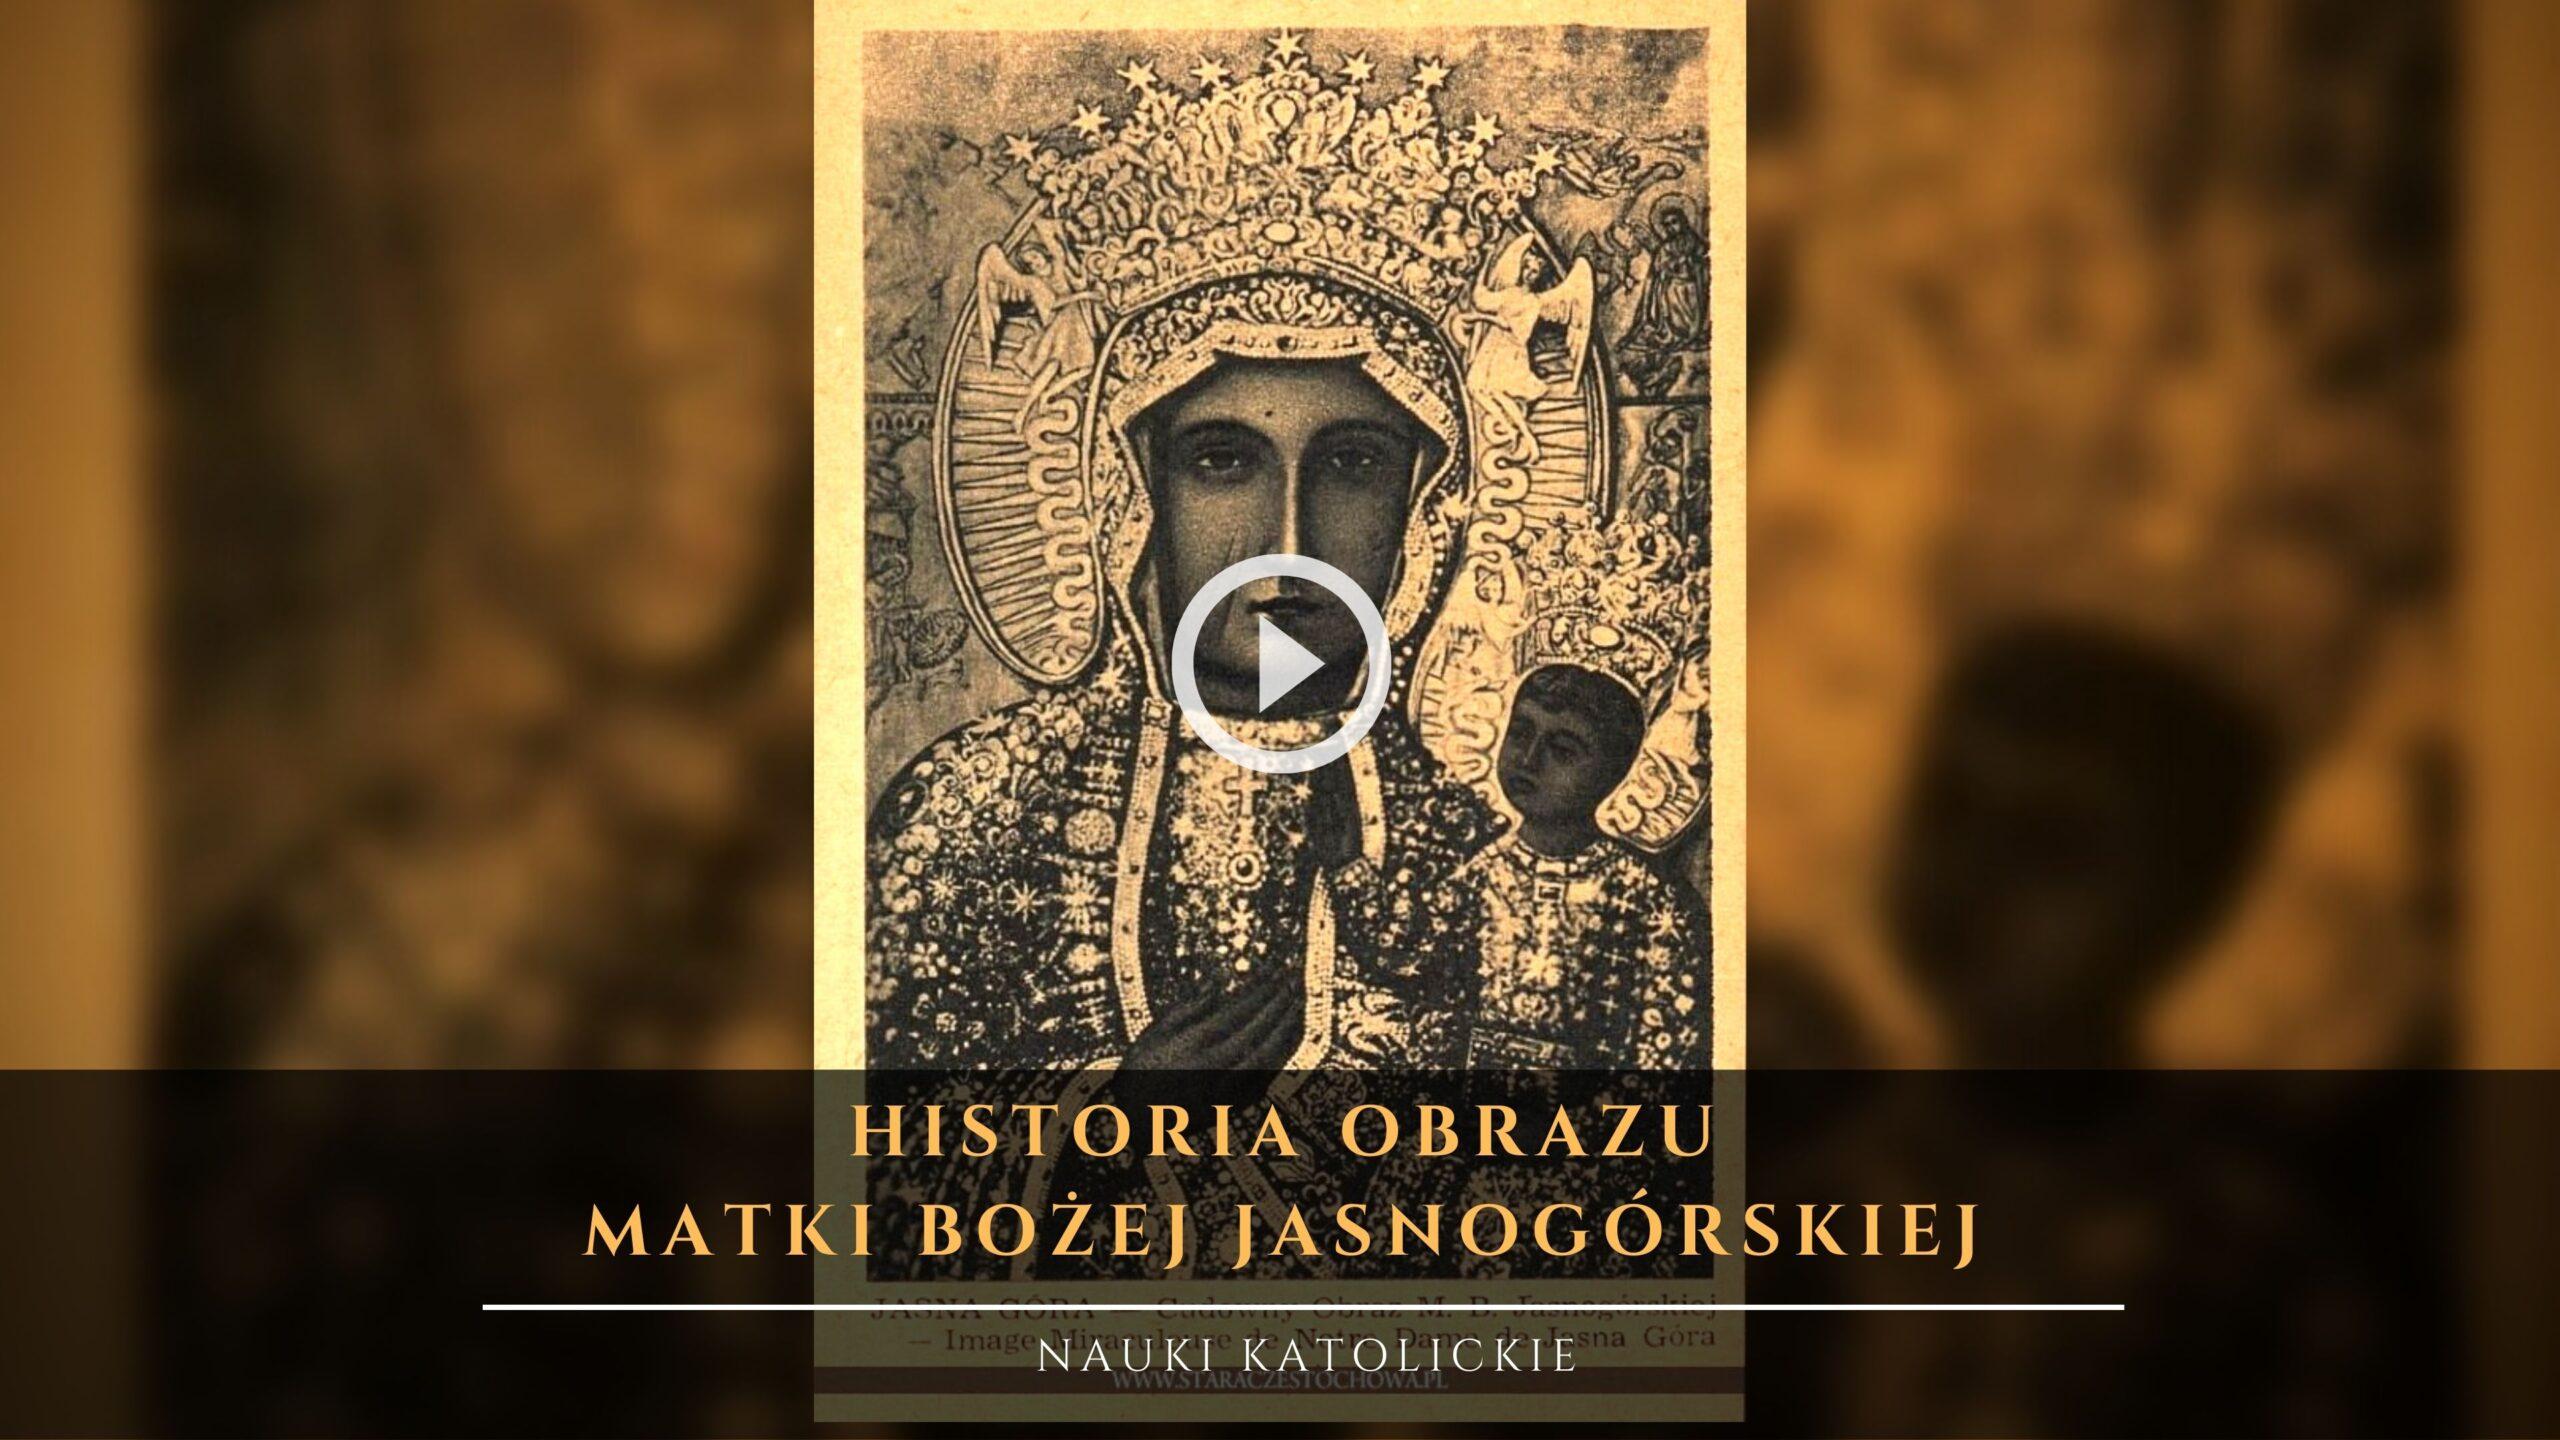 Historia Obrazu Matki Bożej Jasnogórskiej (1)